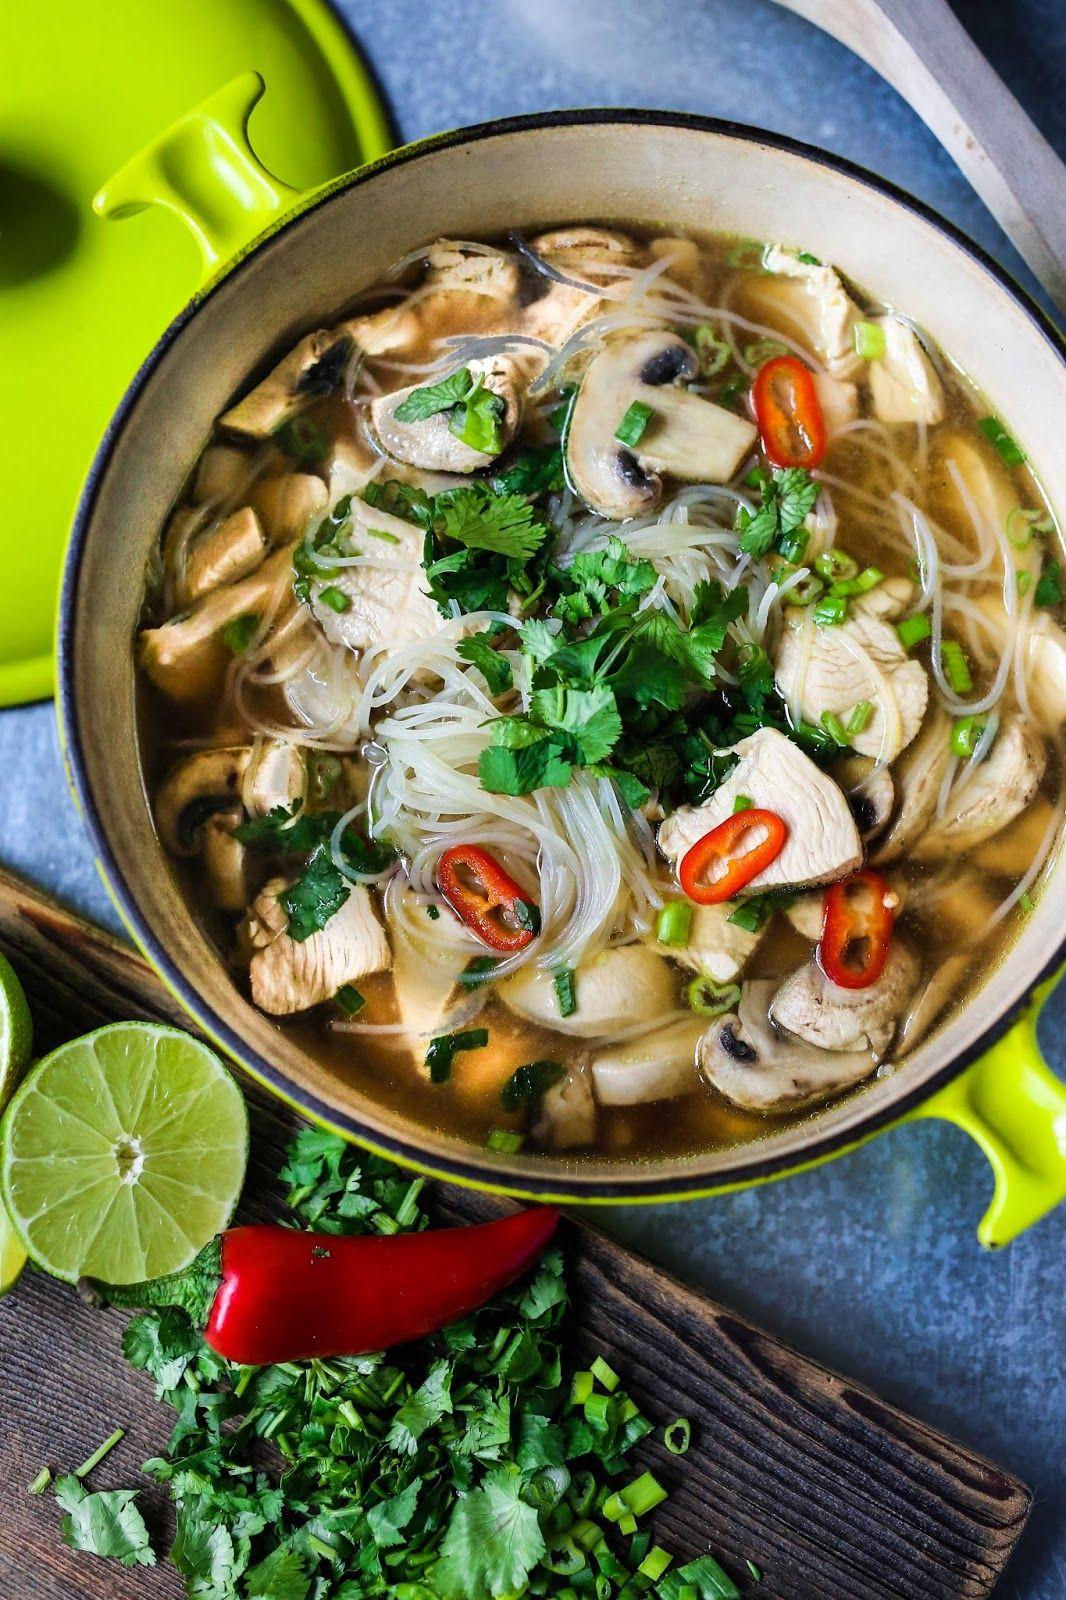 Thai Chicken Noodle Soup Recette Cuisine Asiatique Recette Asiatique Cuisine Thailandaise